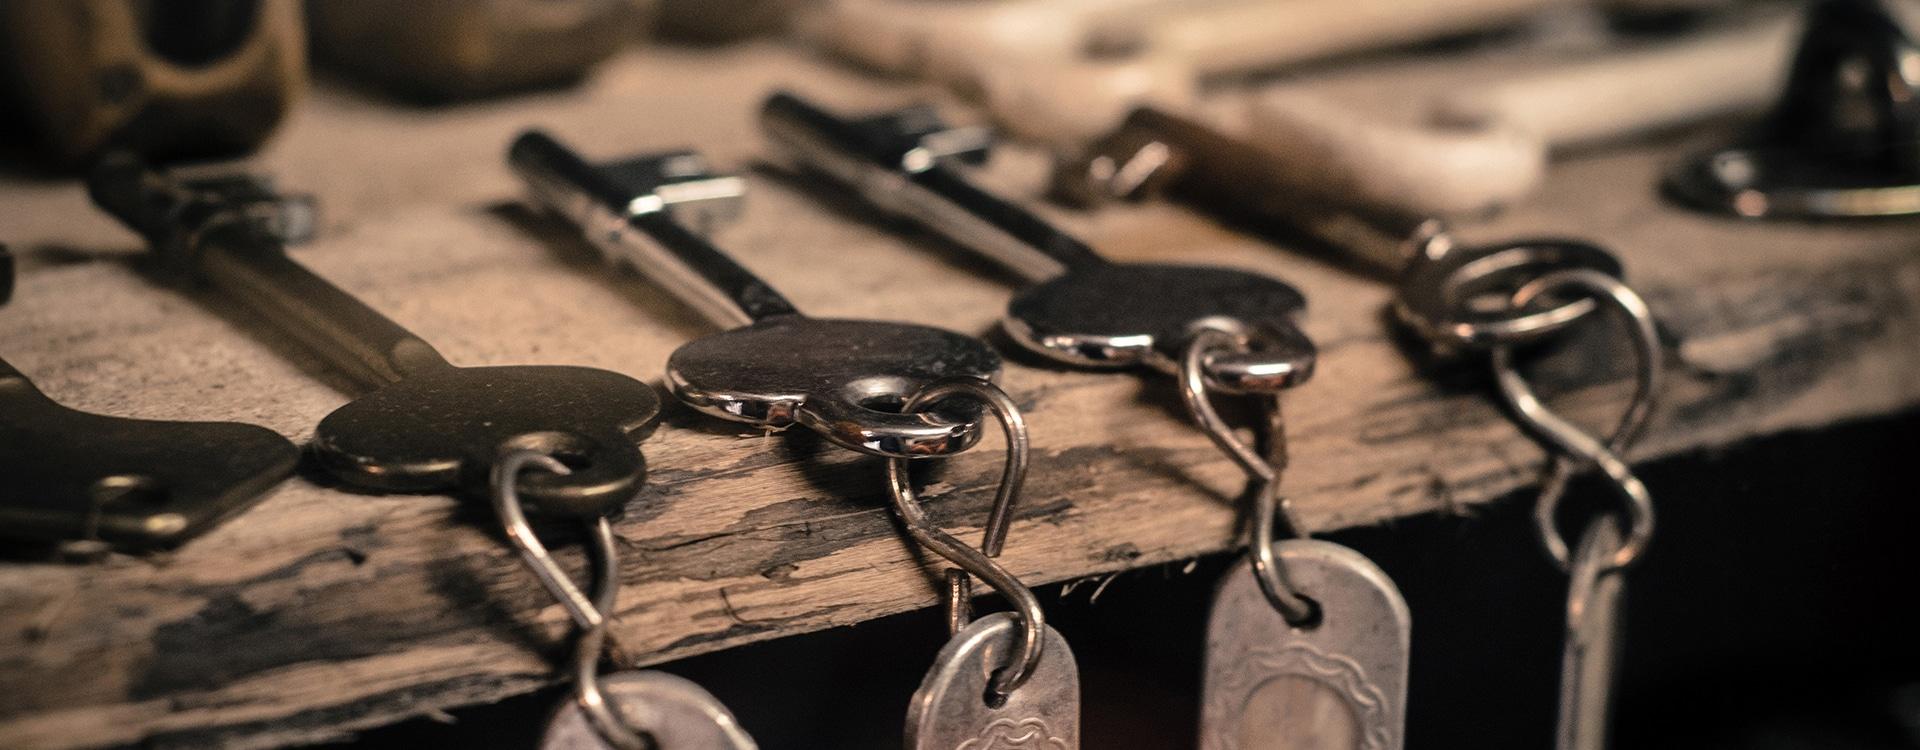 Buy Activation Keys